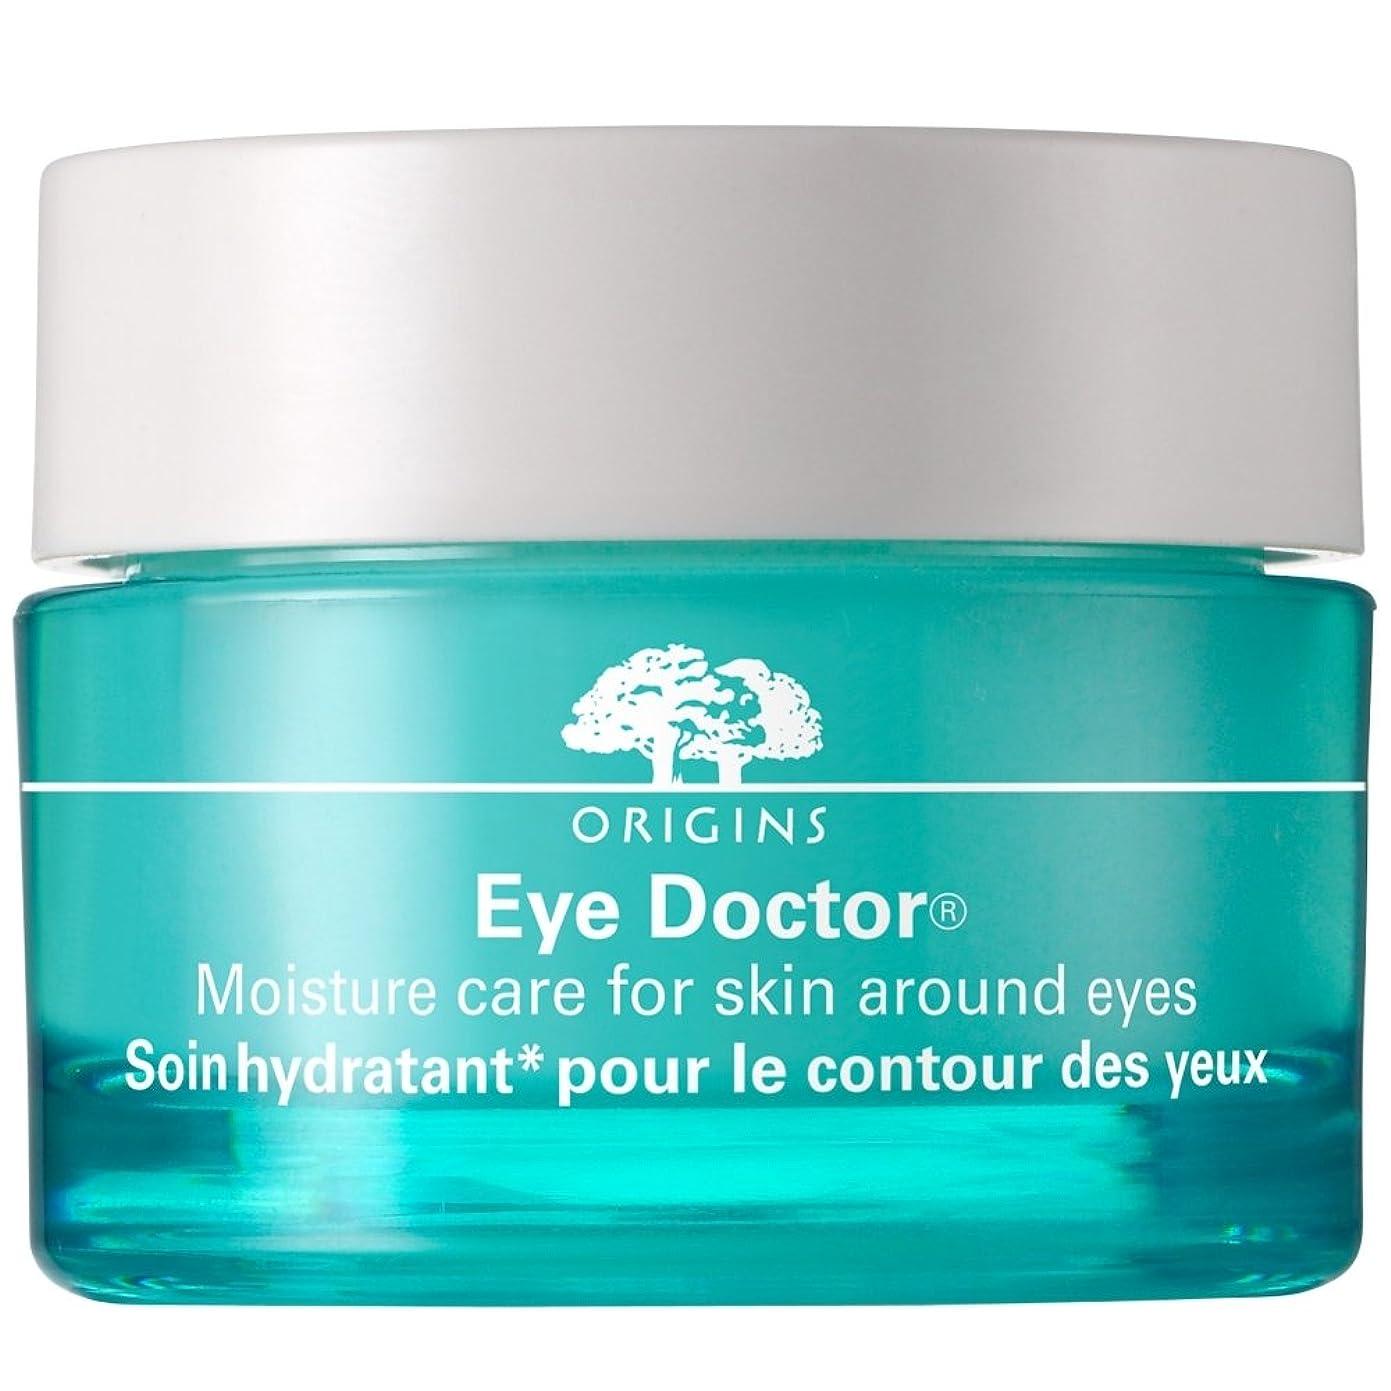 不実立法側目の15ミリリットルの周りの肌のための水分ケアDoctor?起源目 (Origins) (x2) - Origins Eye Doctor? Moisture Care For Skin Around Eyes 15ml (Pack of 2) [並行輸入品]